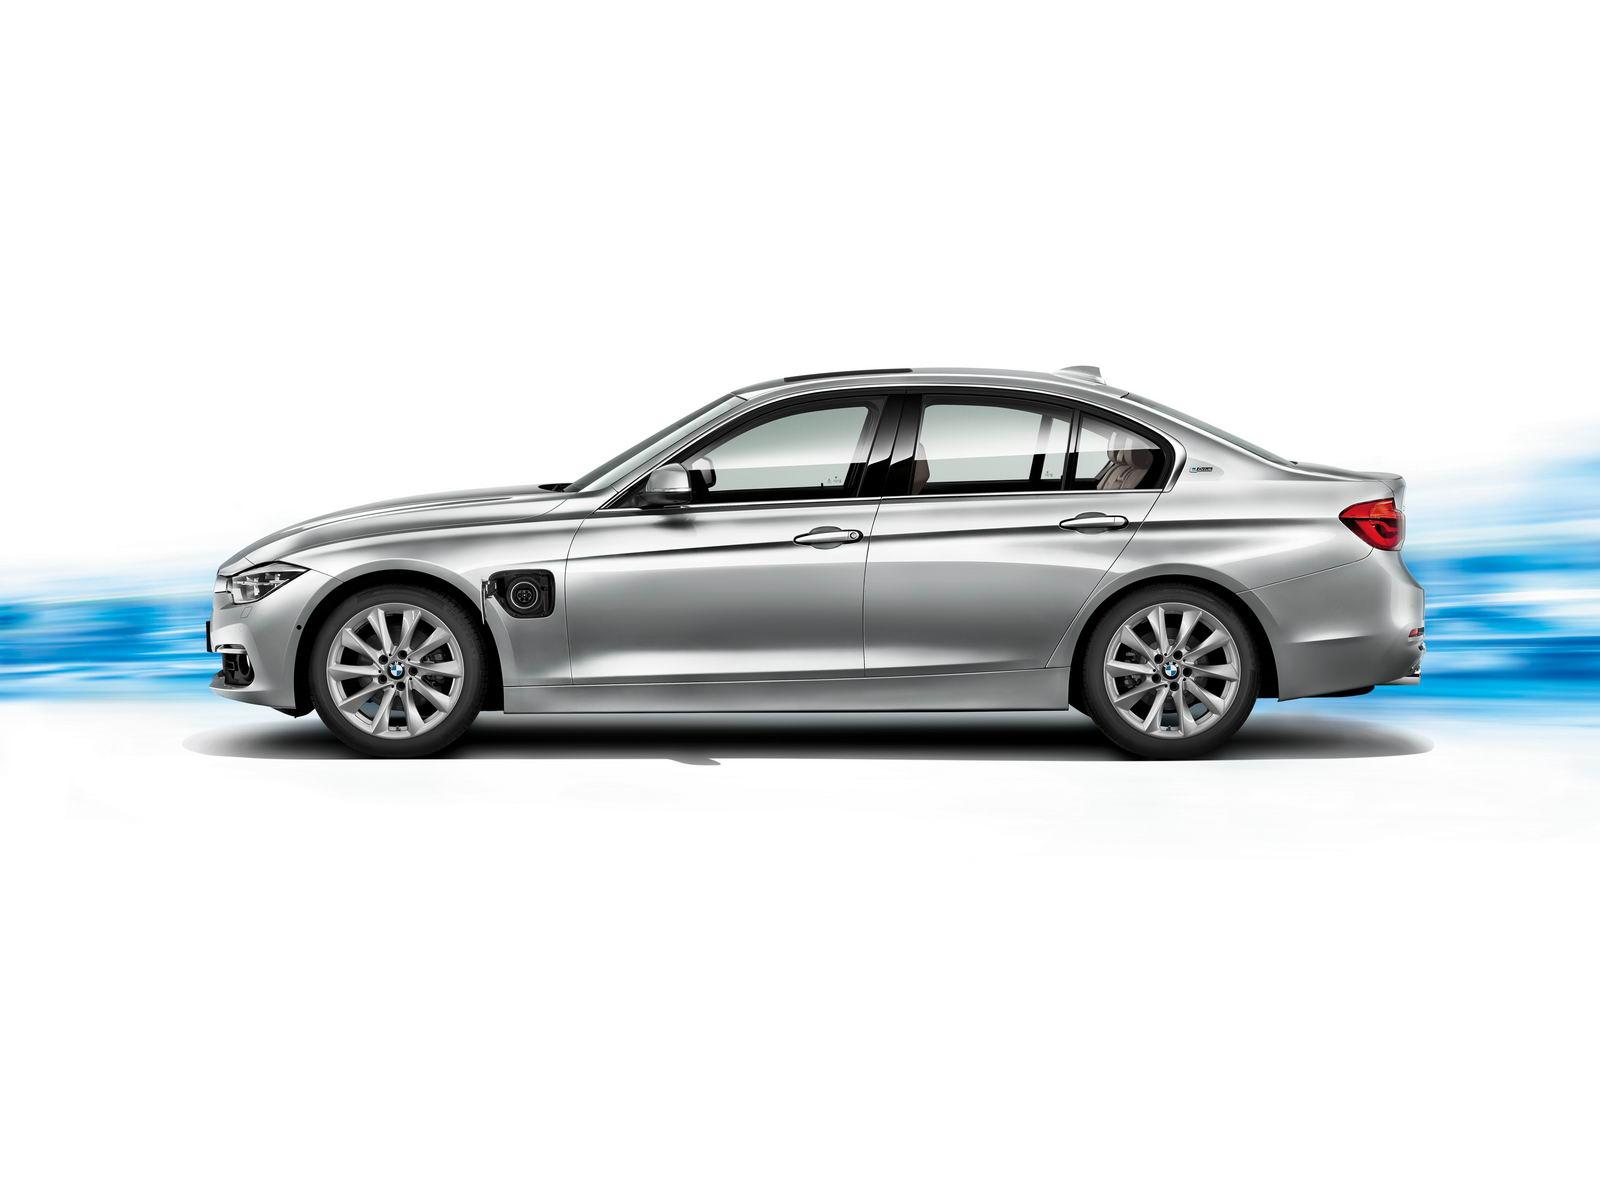 BMW 330e PHEV side press image